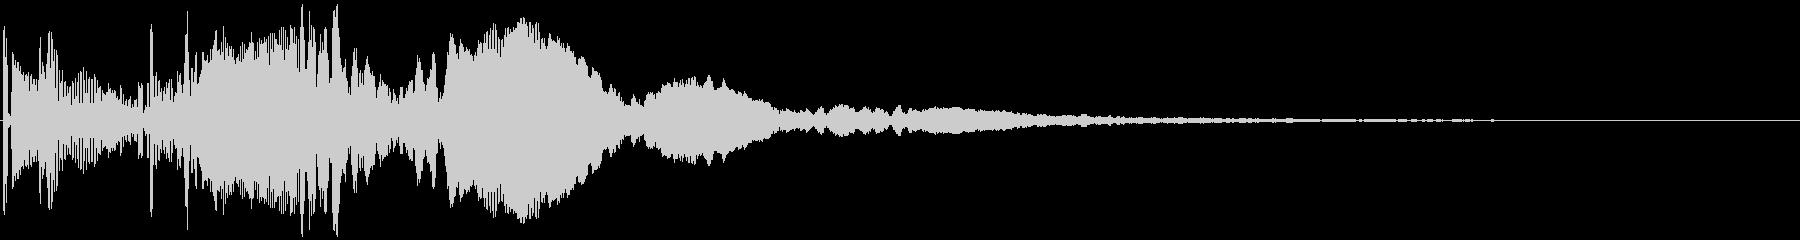 ポピピ↑ 角の無い丸みをおびたボタン音 の未再生の波形